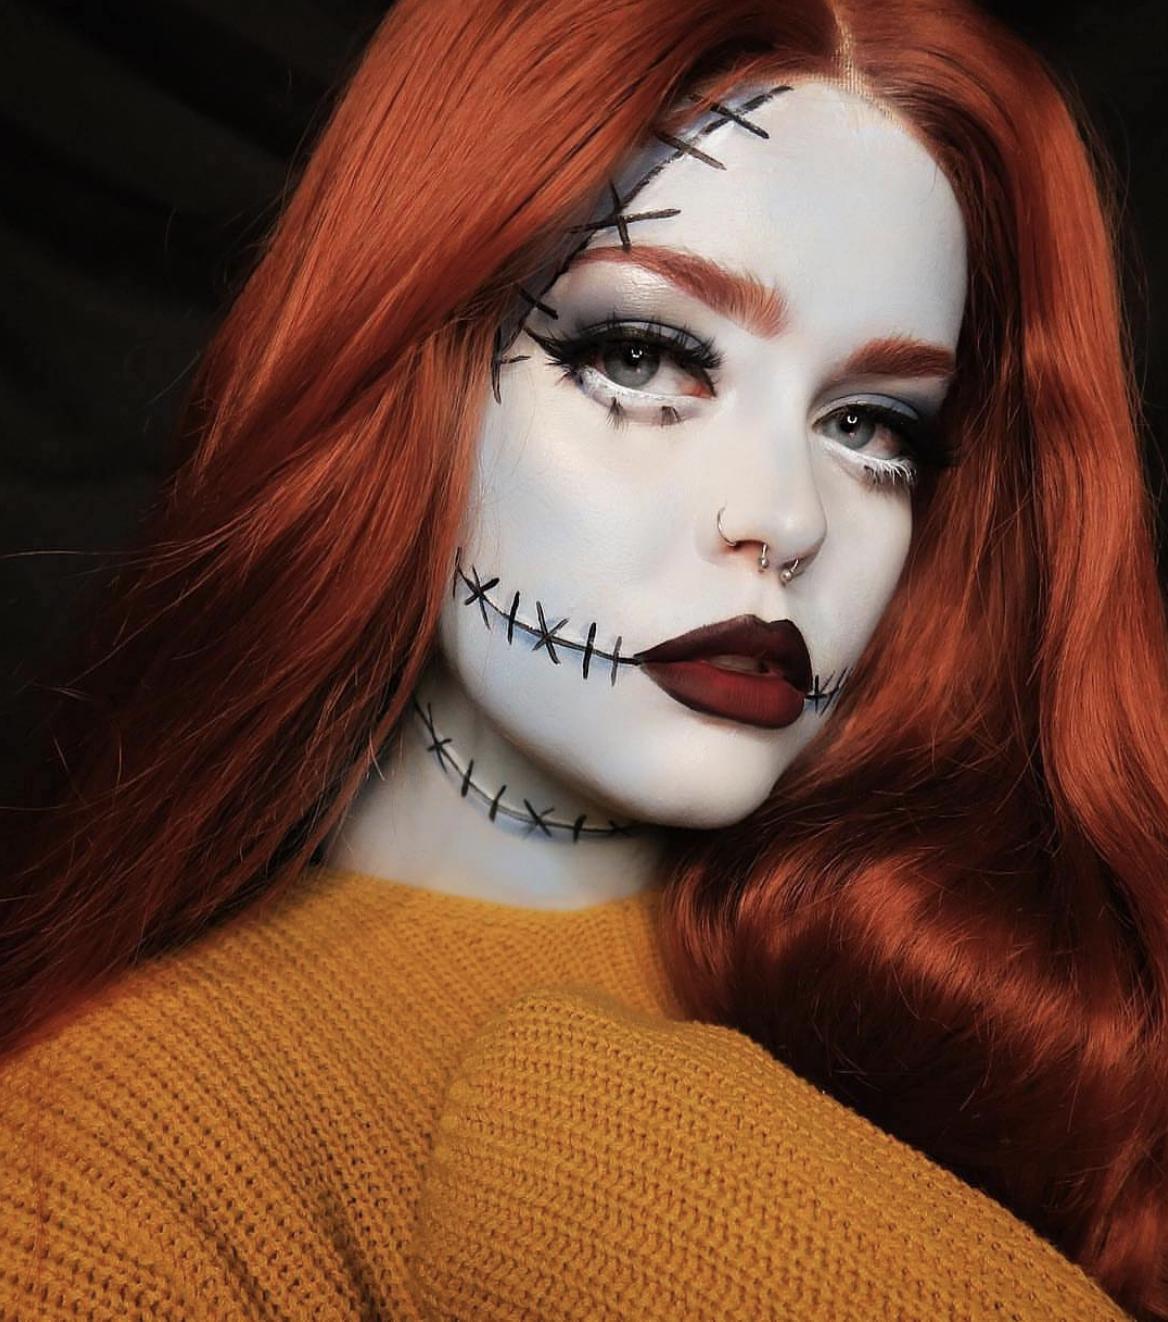 ashkmakeup Halloween makeup diy, Jack and sally, Clown